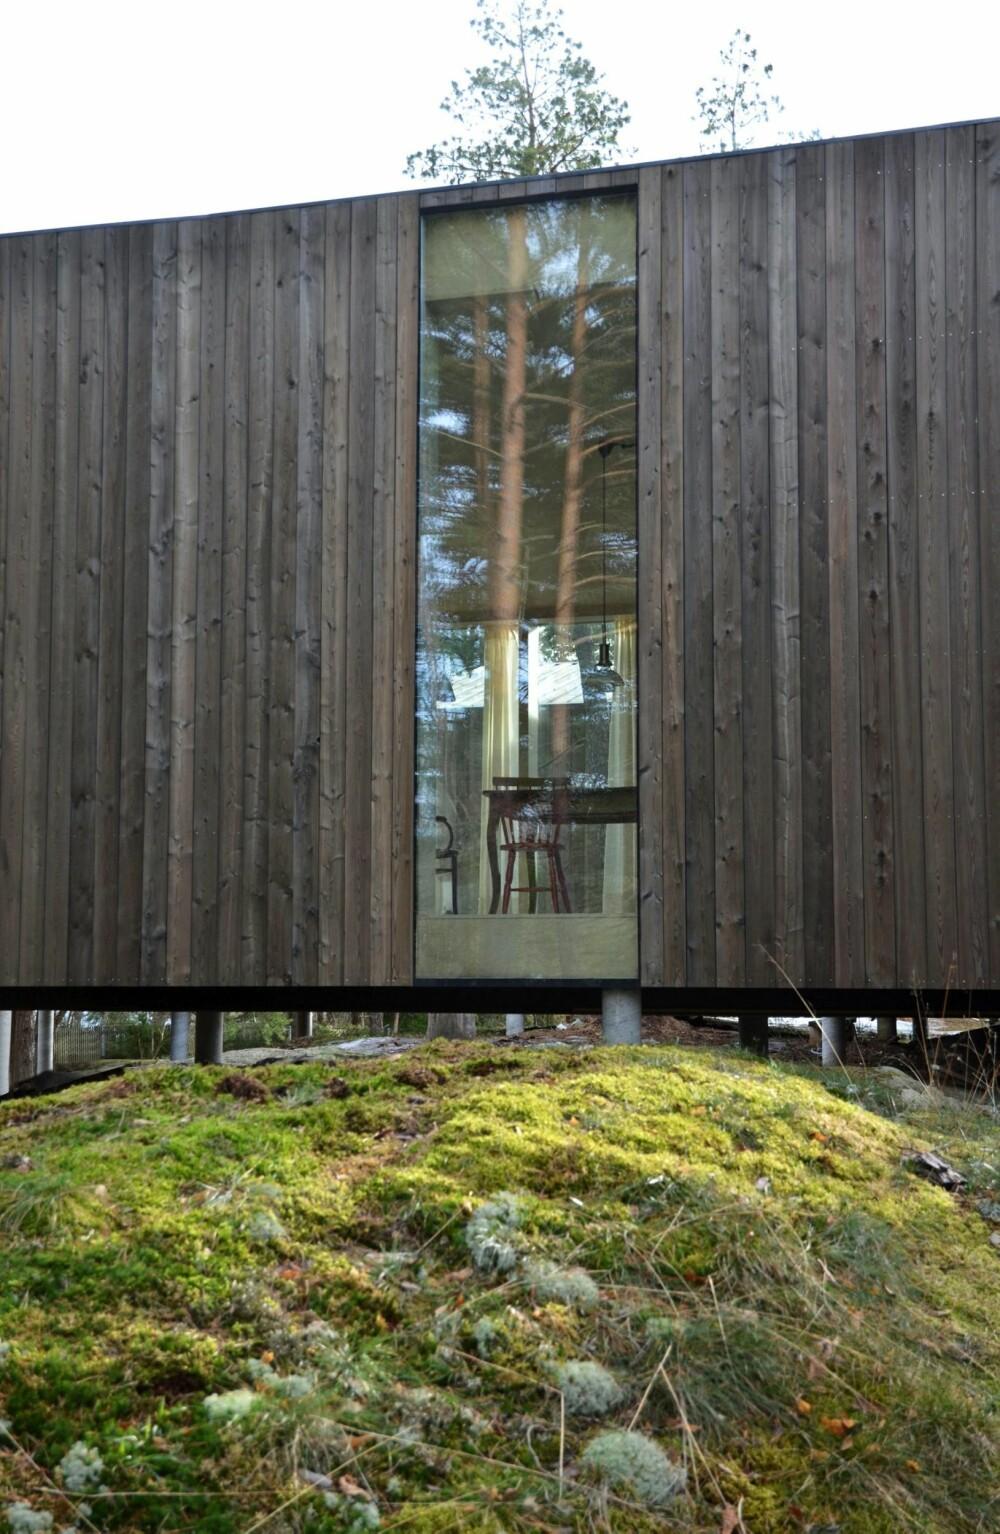 TRANSPARENS: Huset vender seg inn mot et atrium, og en utstrakt vindusbruk lar oss se inn selv om vi står utenfor.